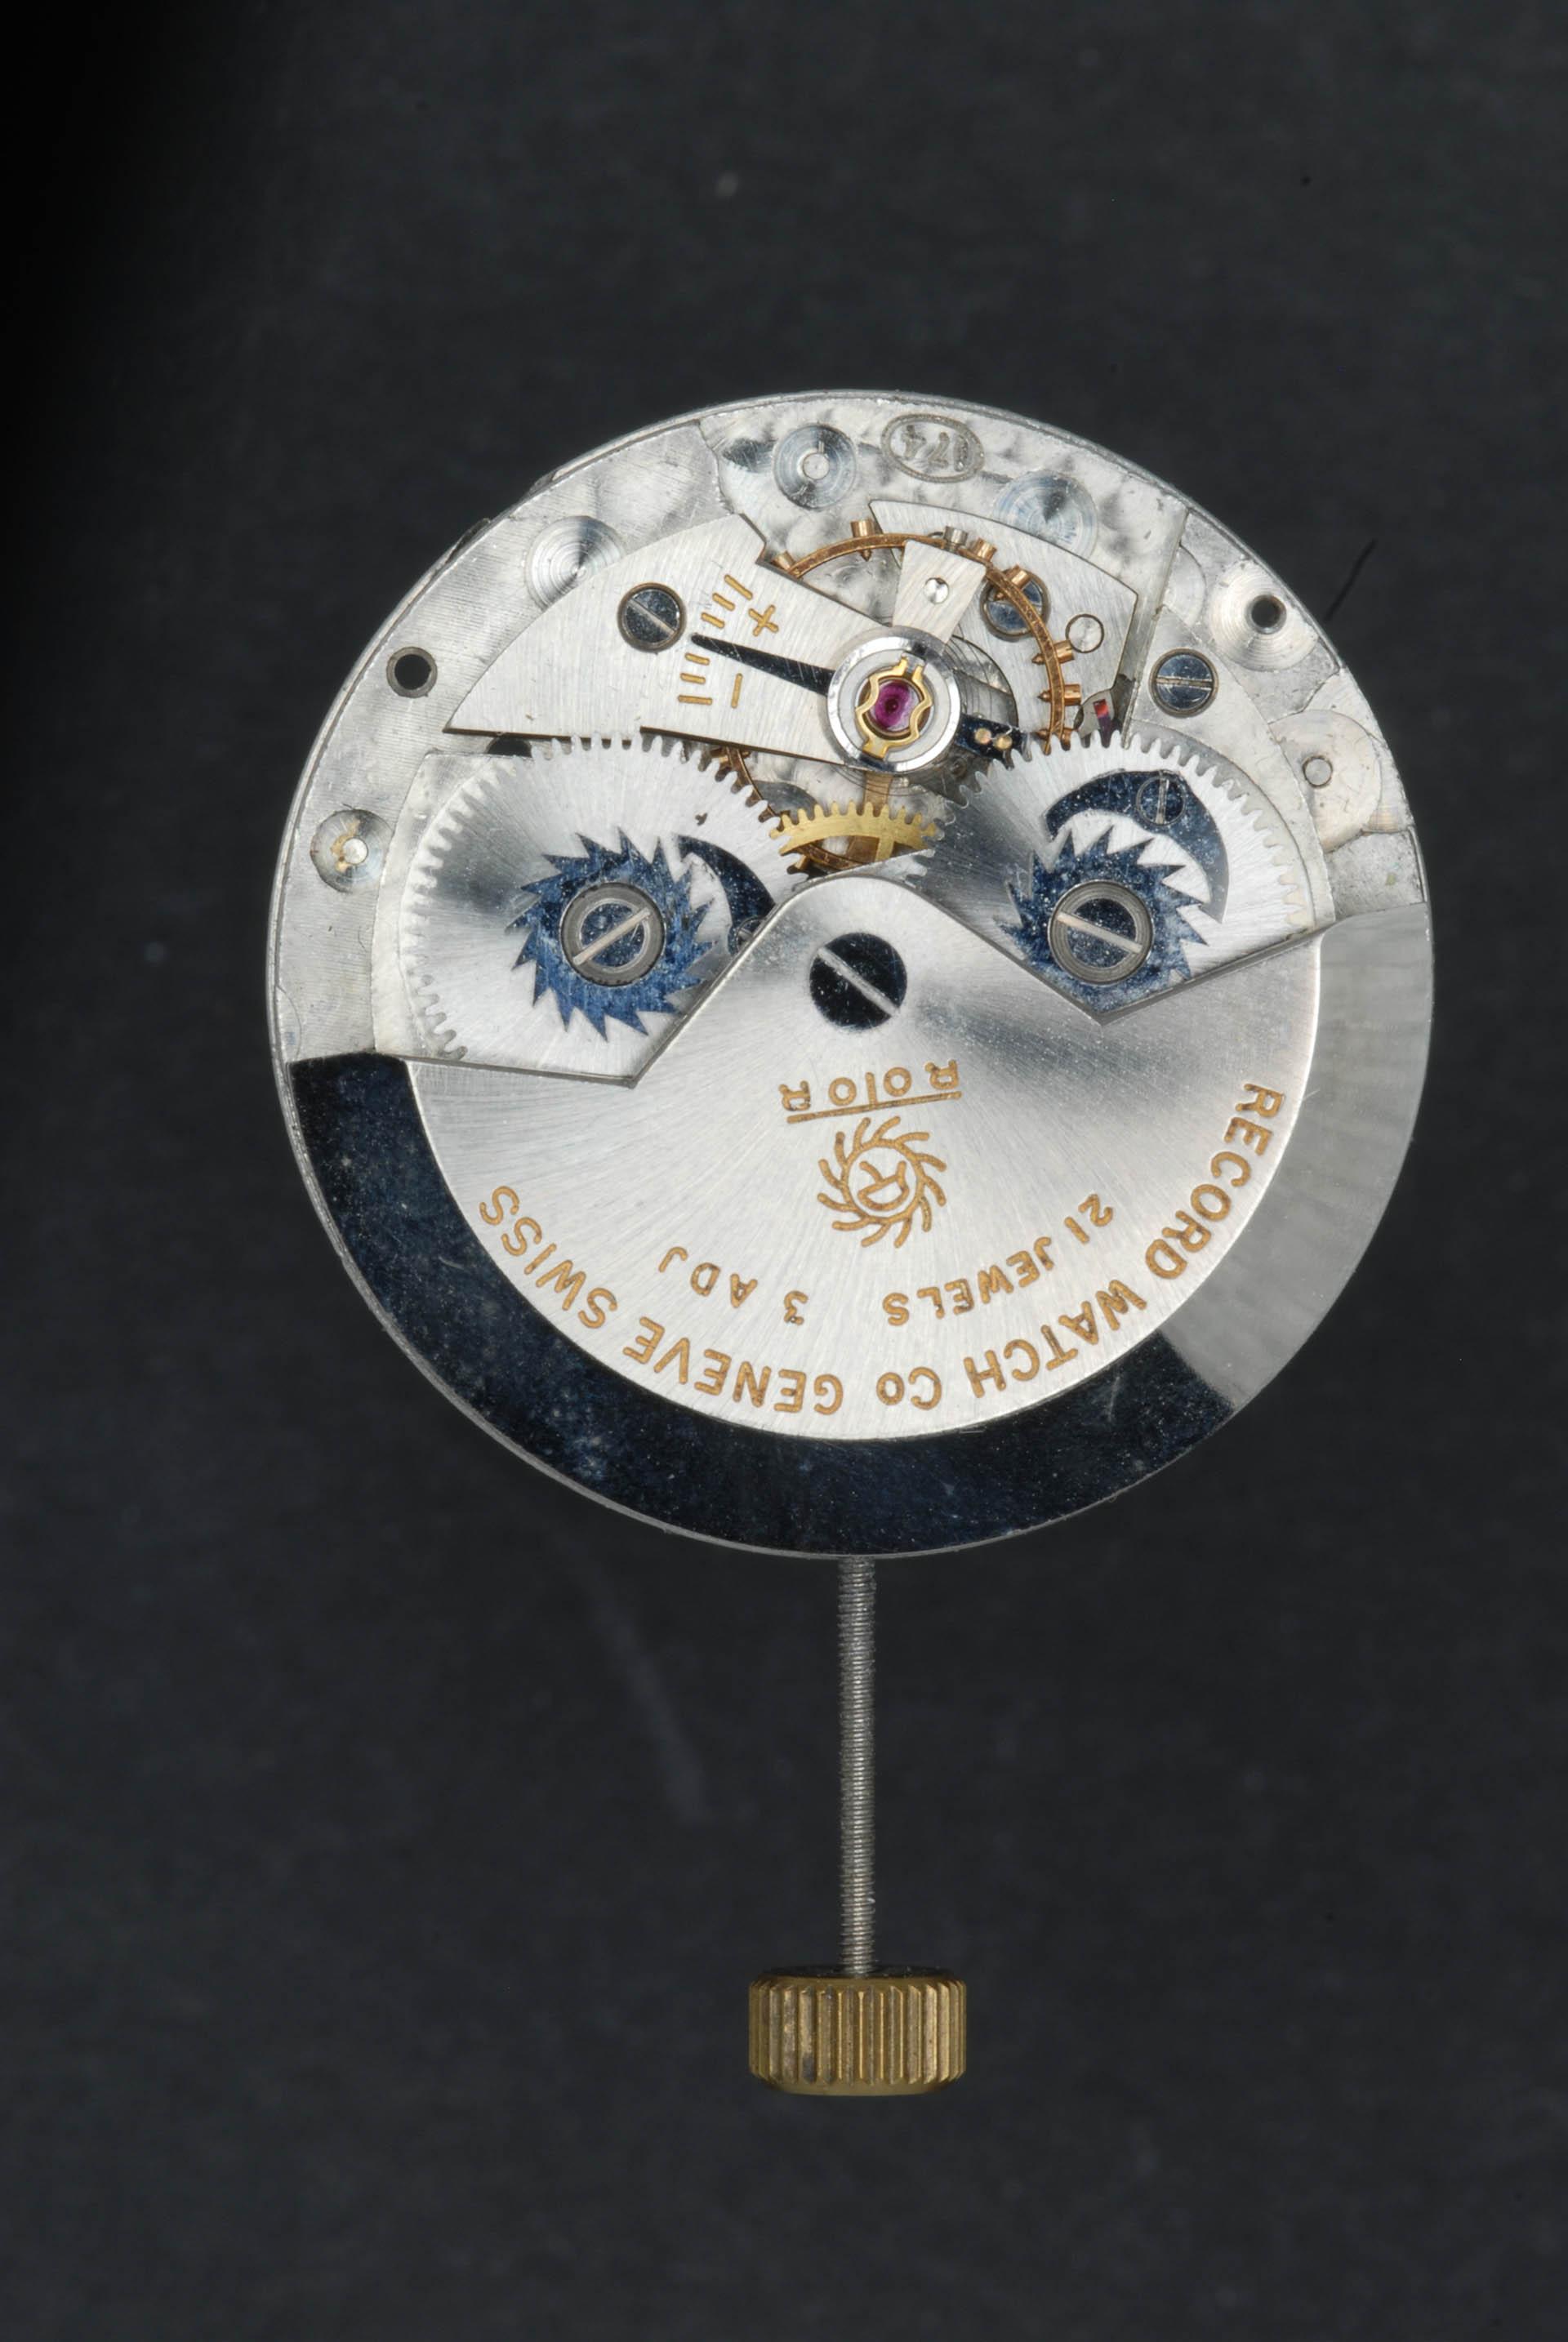 Record Kaliber 174 mit offen liegenden Klinkenrädern